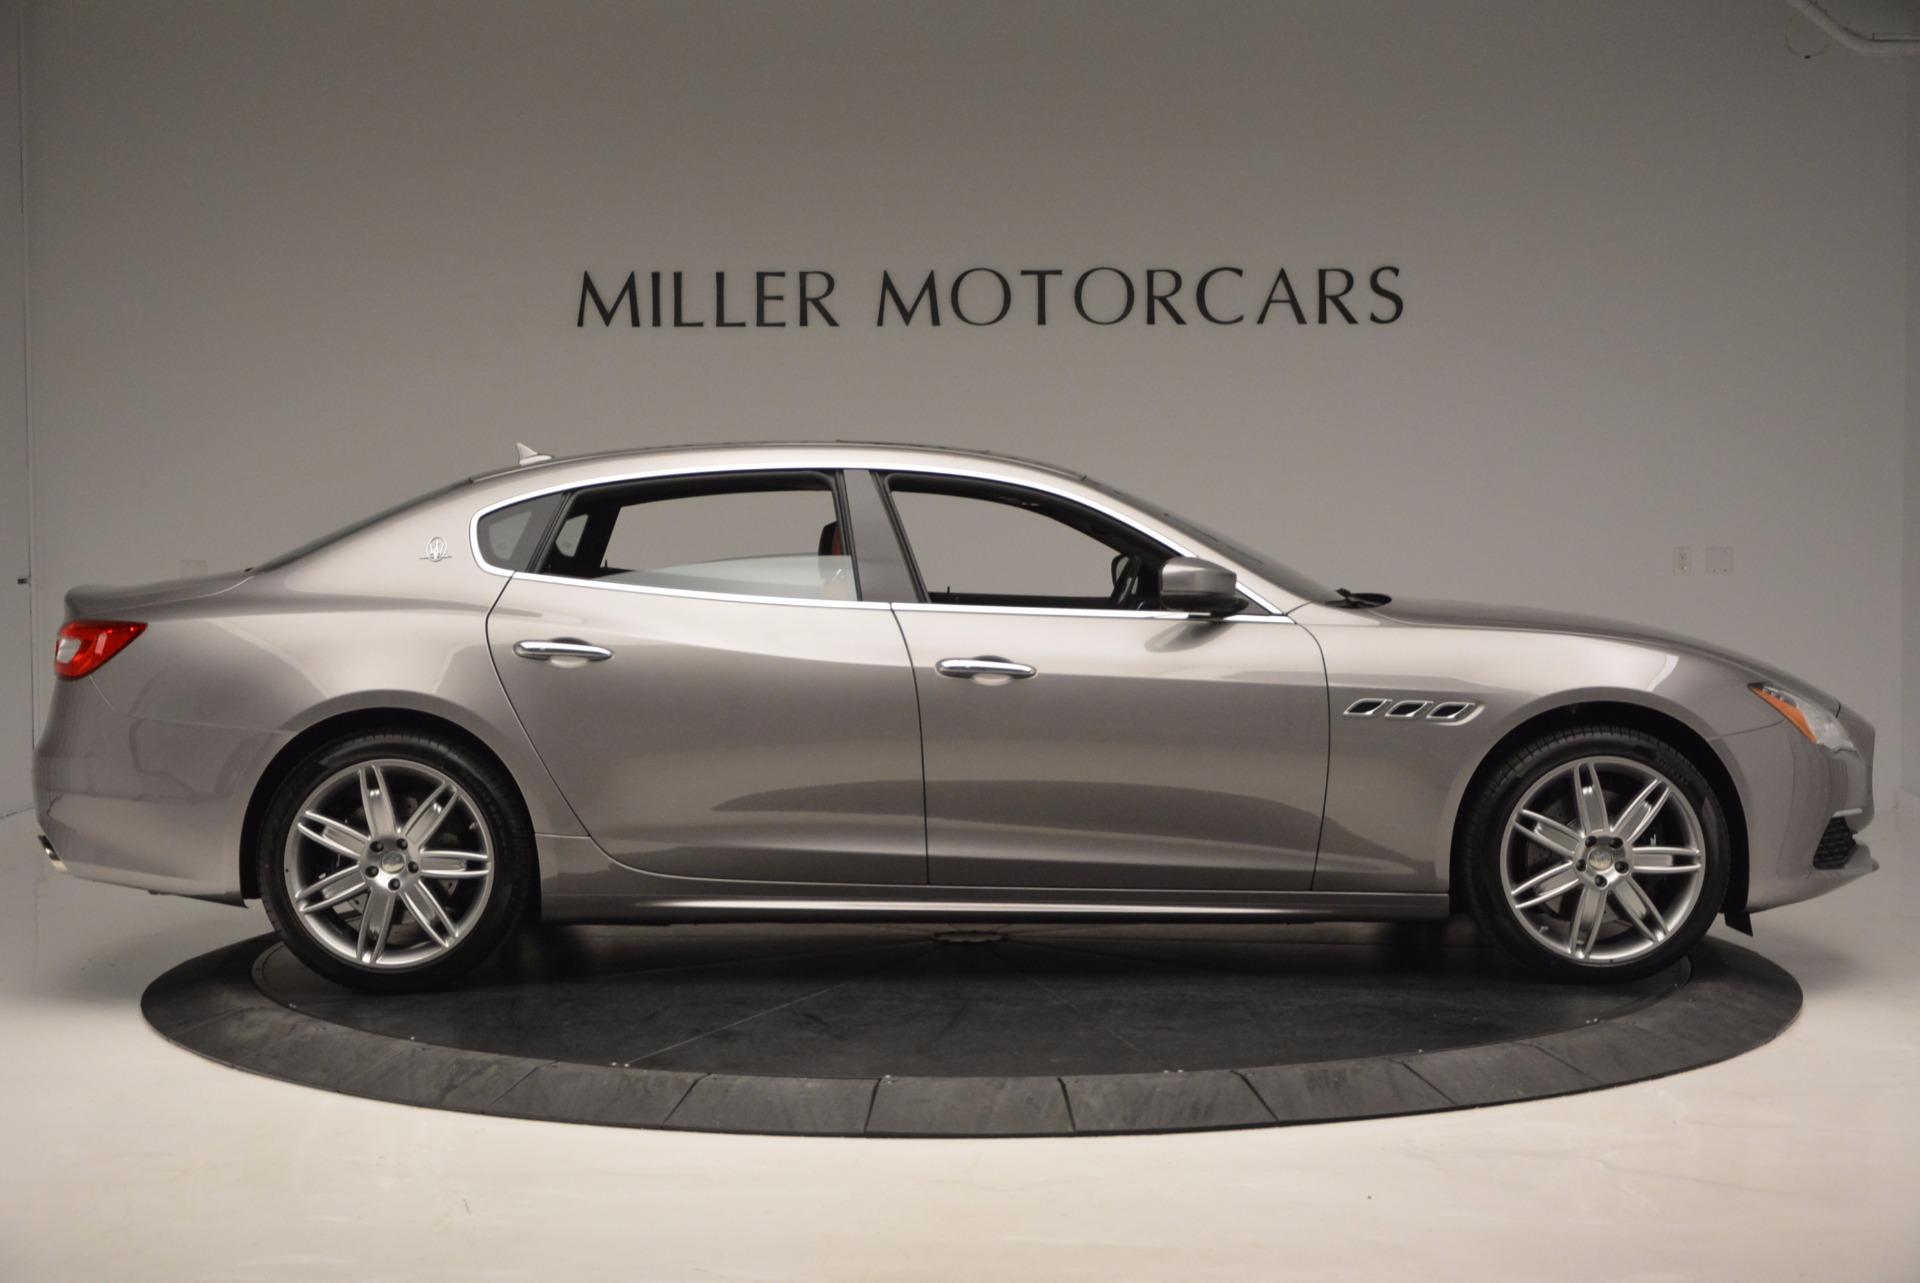 New 2017 Maserati Quattroporte S Q4 GranLusso For Sale In Greenwich, CT. Alfa Romeo of Greenwich, M1878 1265_p9